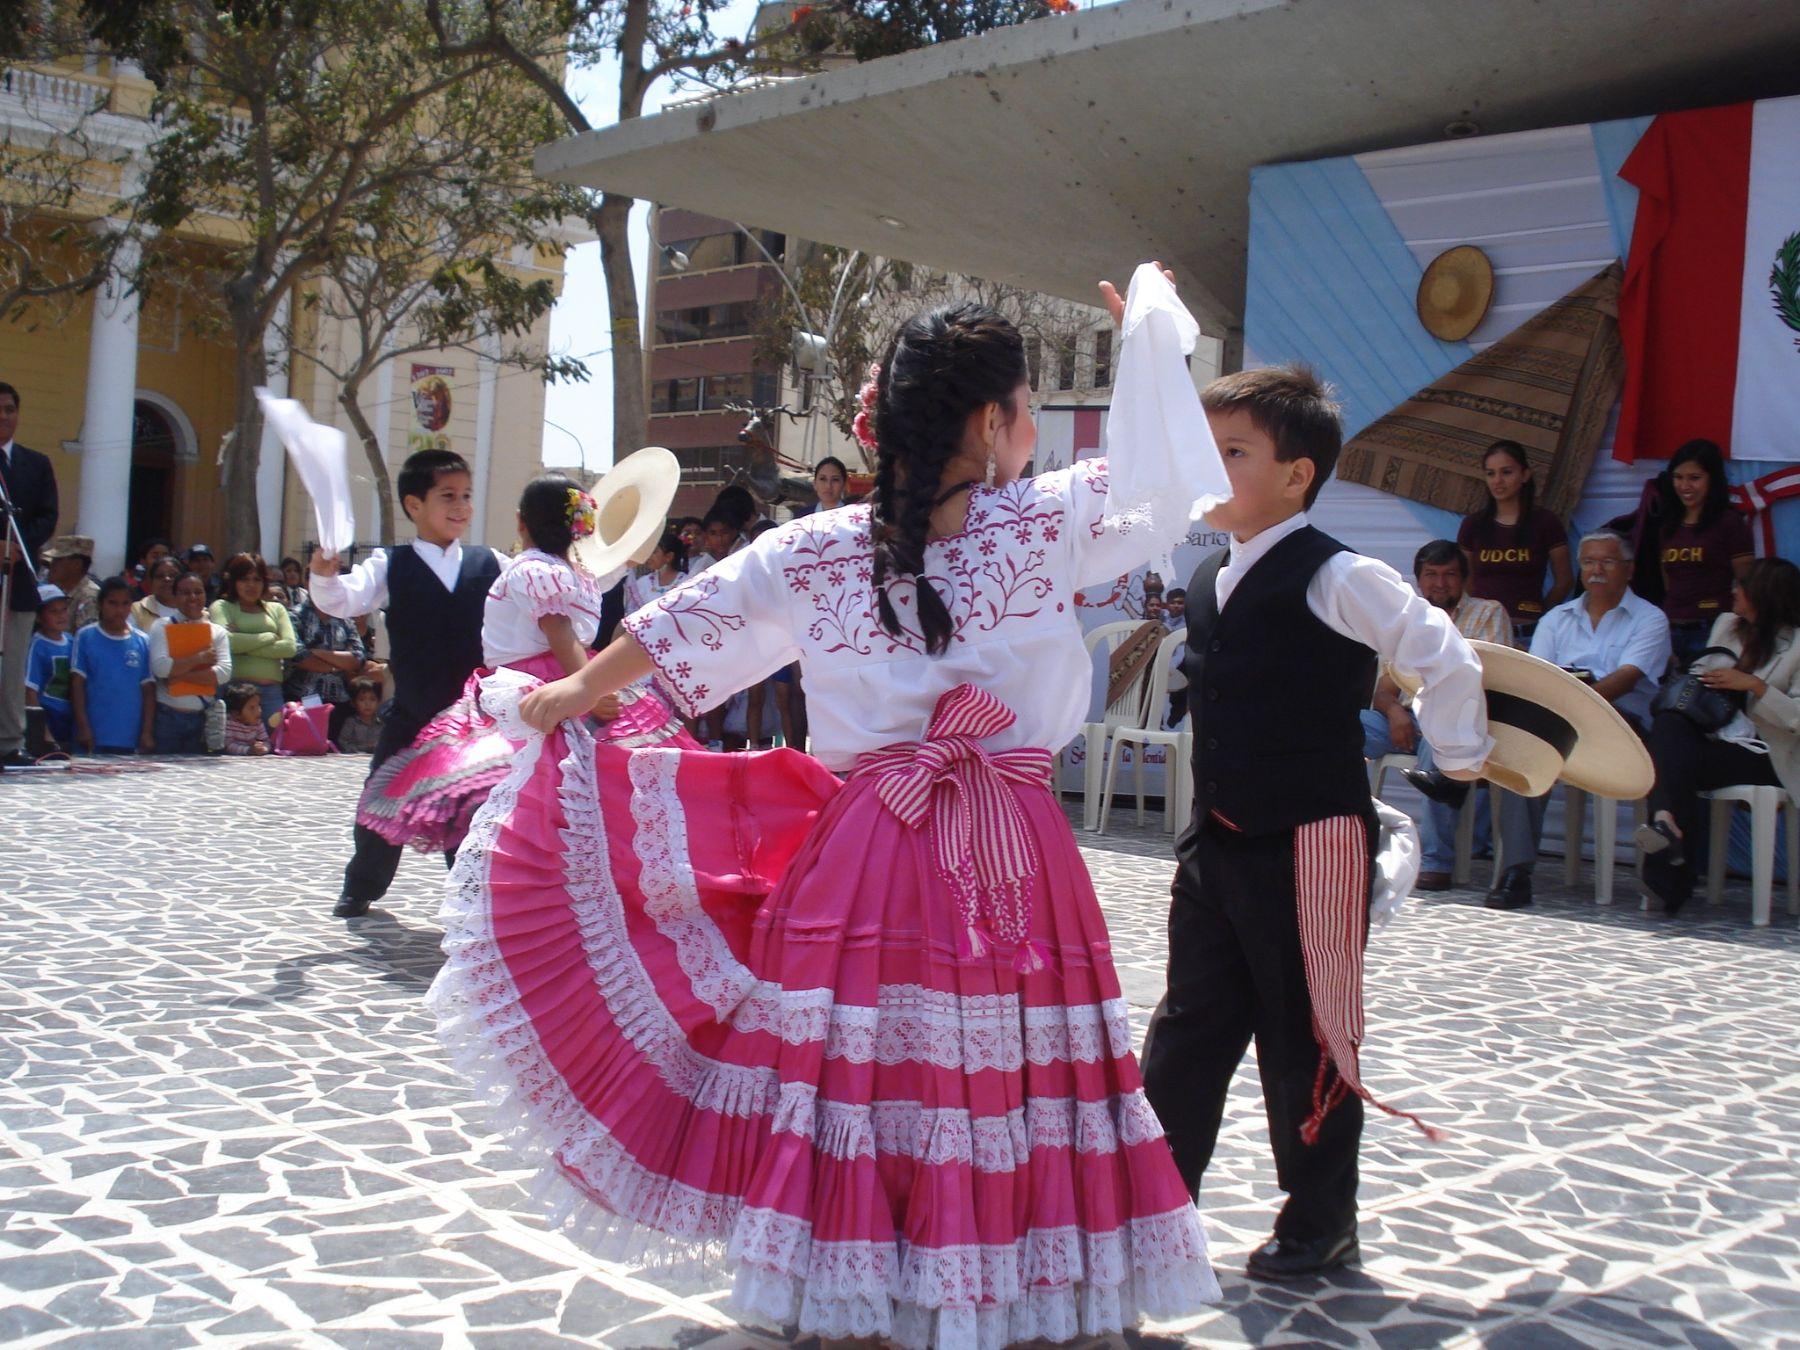 La marinera, danza típica de Lambayeque. Foto: ANDINA / Gobierno regional de Lambayeque.